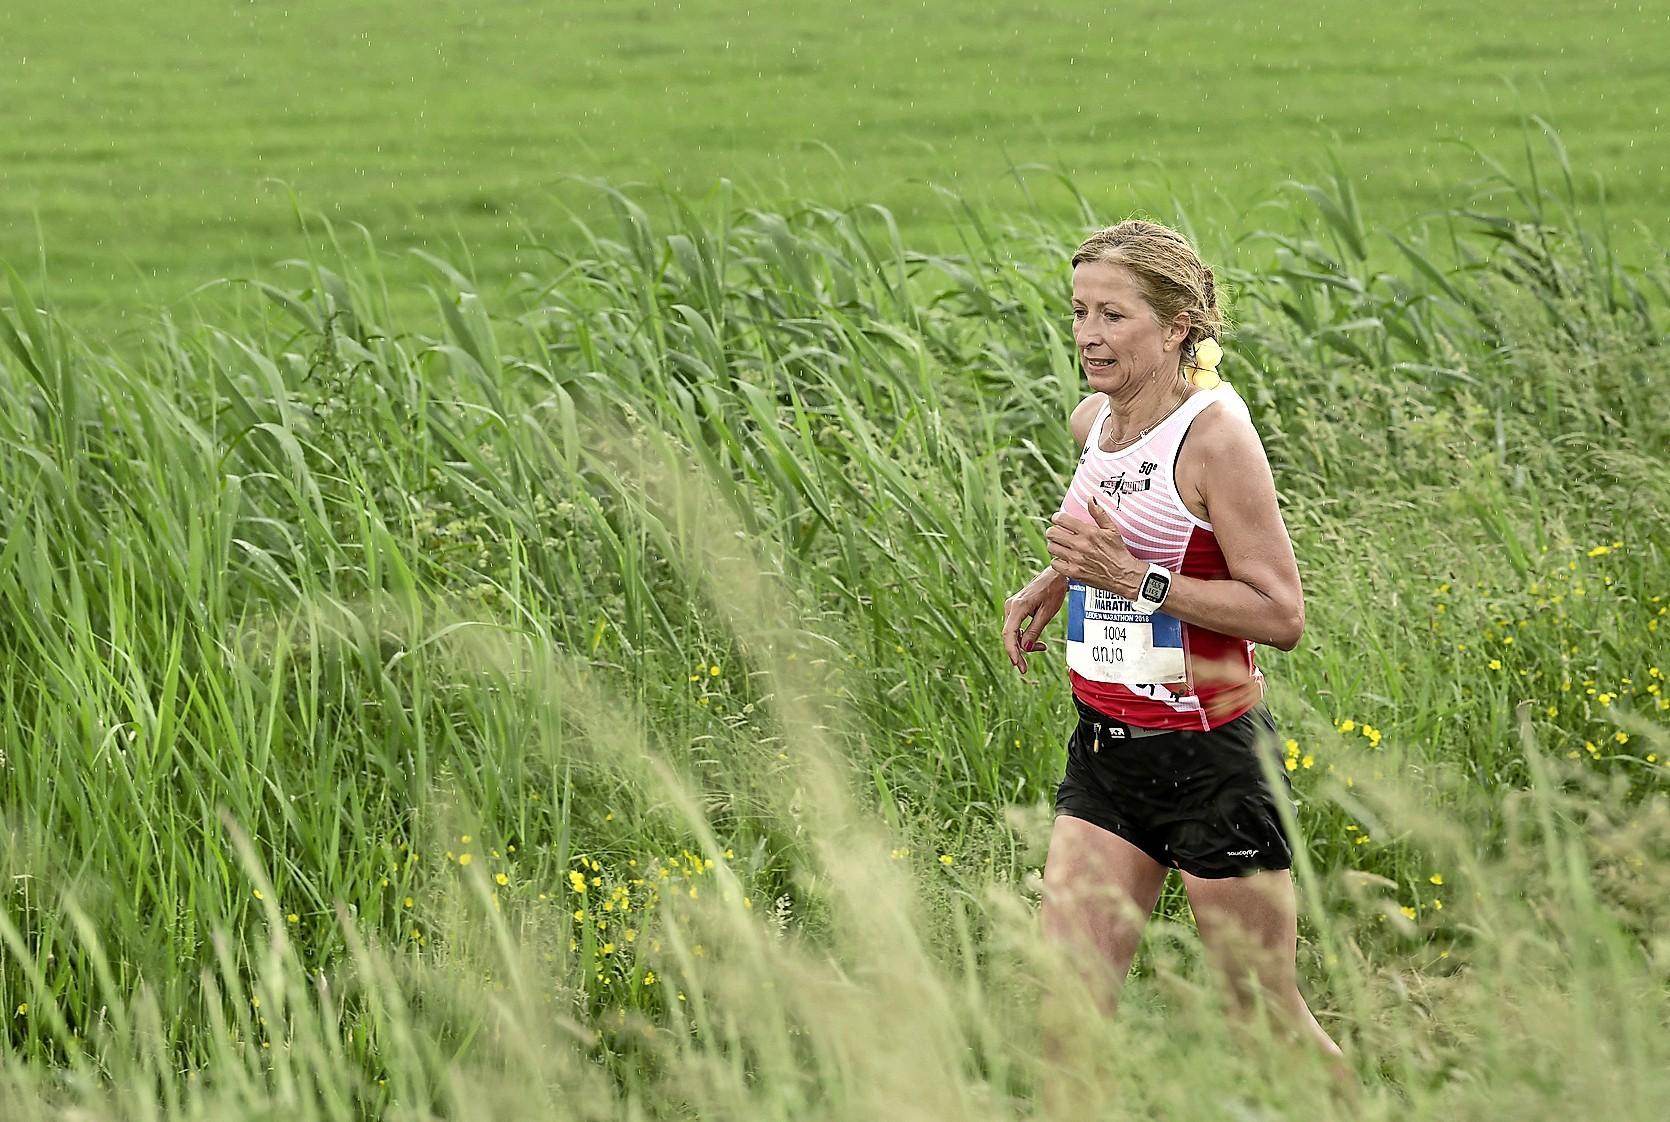 Veel positieve reacties op Online Leiden Marathon verspreid door heel Nederland: 'Zolang iedereen maar alleen loopt en niet op dezelfde plek'